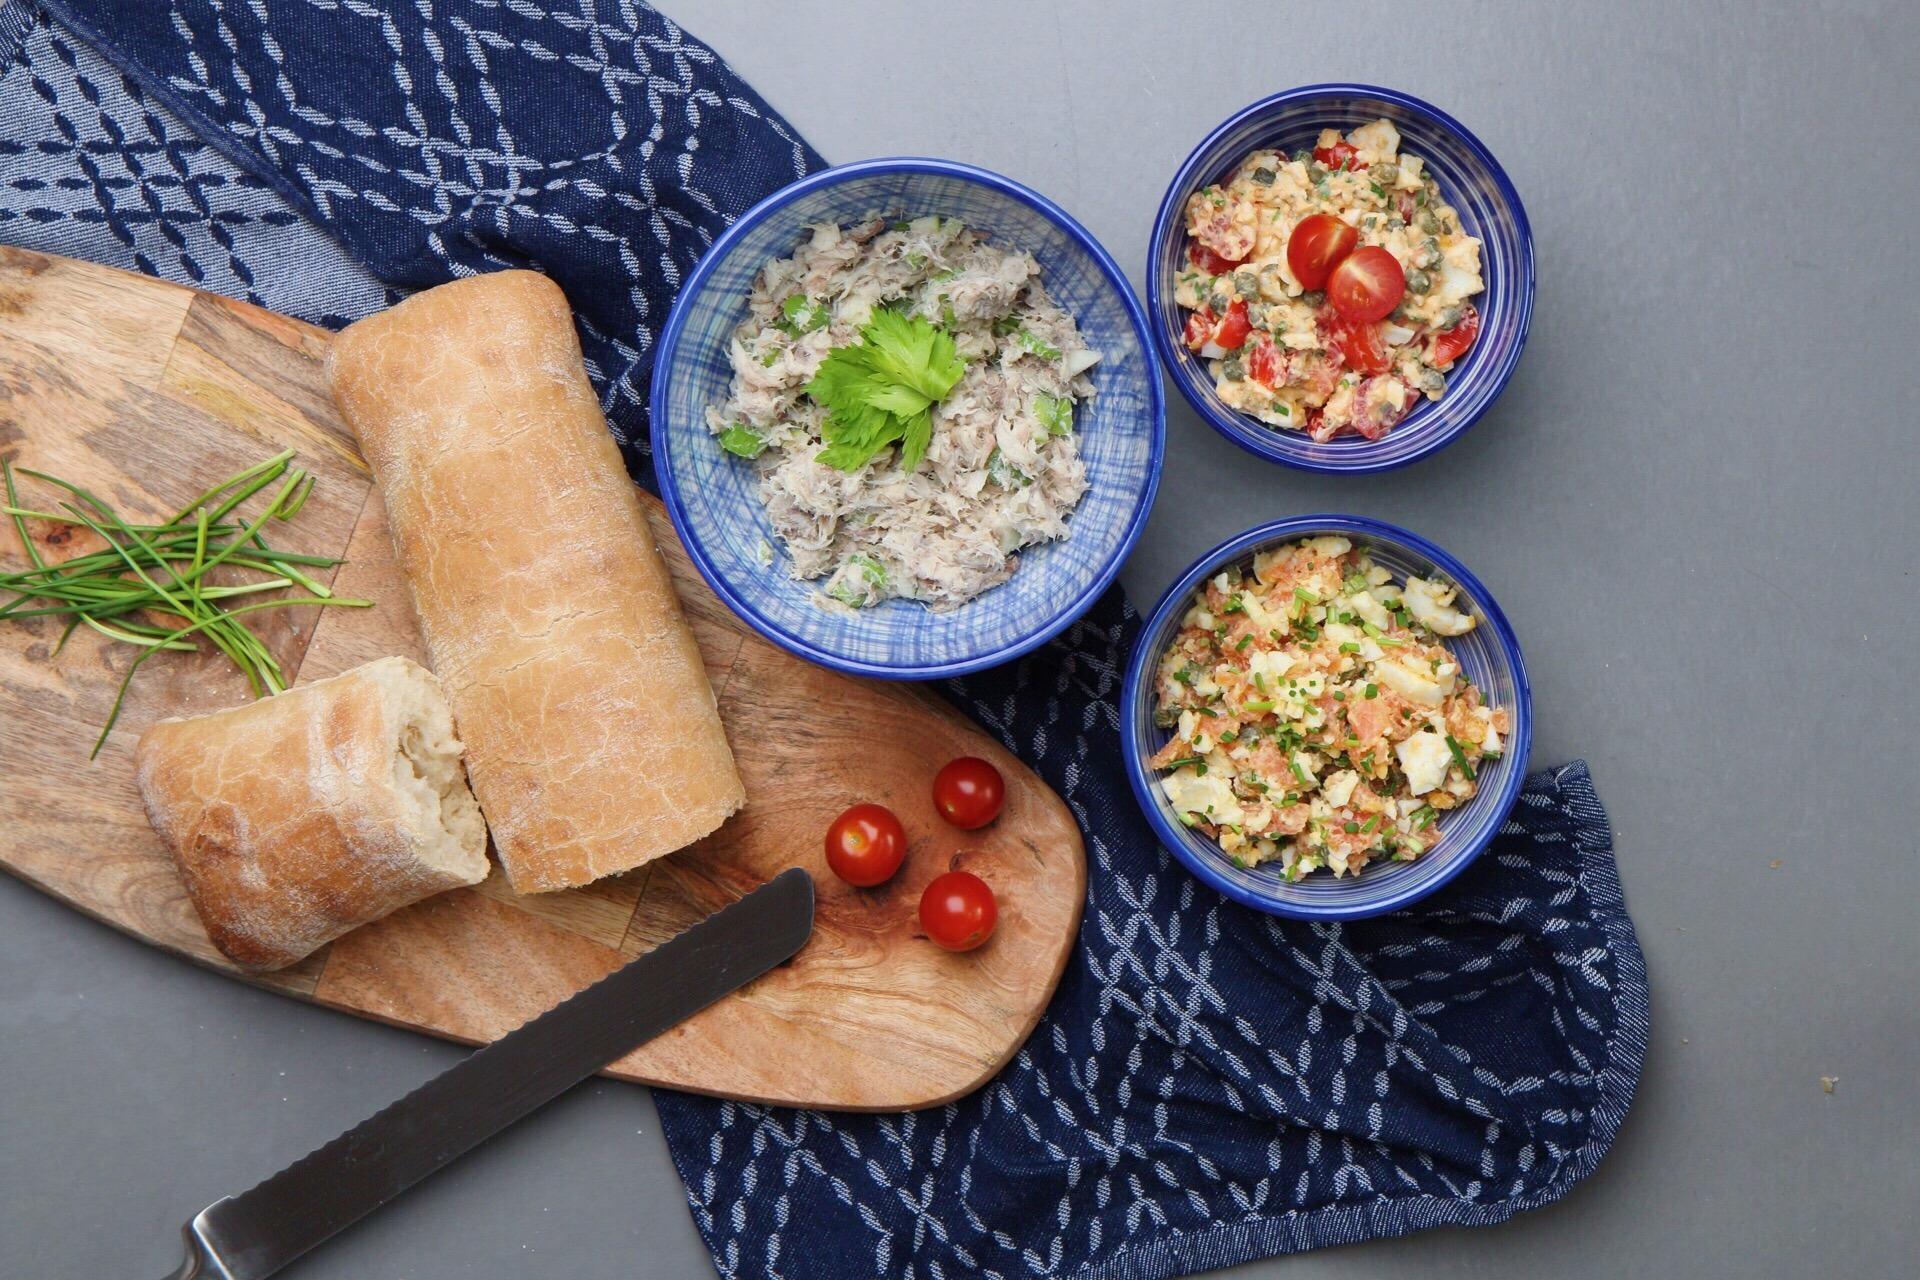 image00003 1 Your Meal Planners dagmenu: 'Onze sinterklaastradities, heel veel cadeautjes, hapjes, gezelligheid & WIJN'